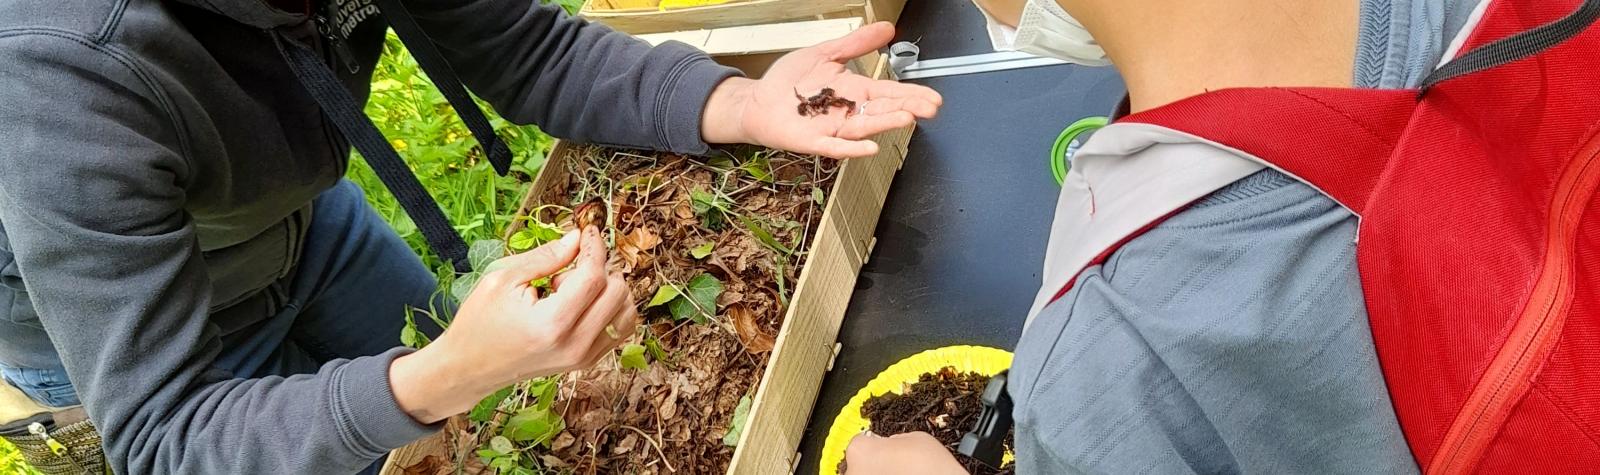 © En tête-à-tête avec les vers de terre ou l'art du compostage